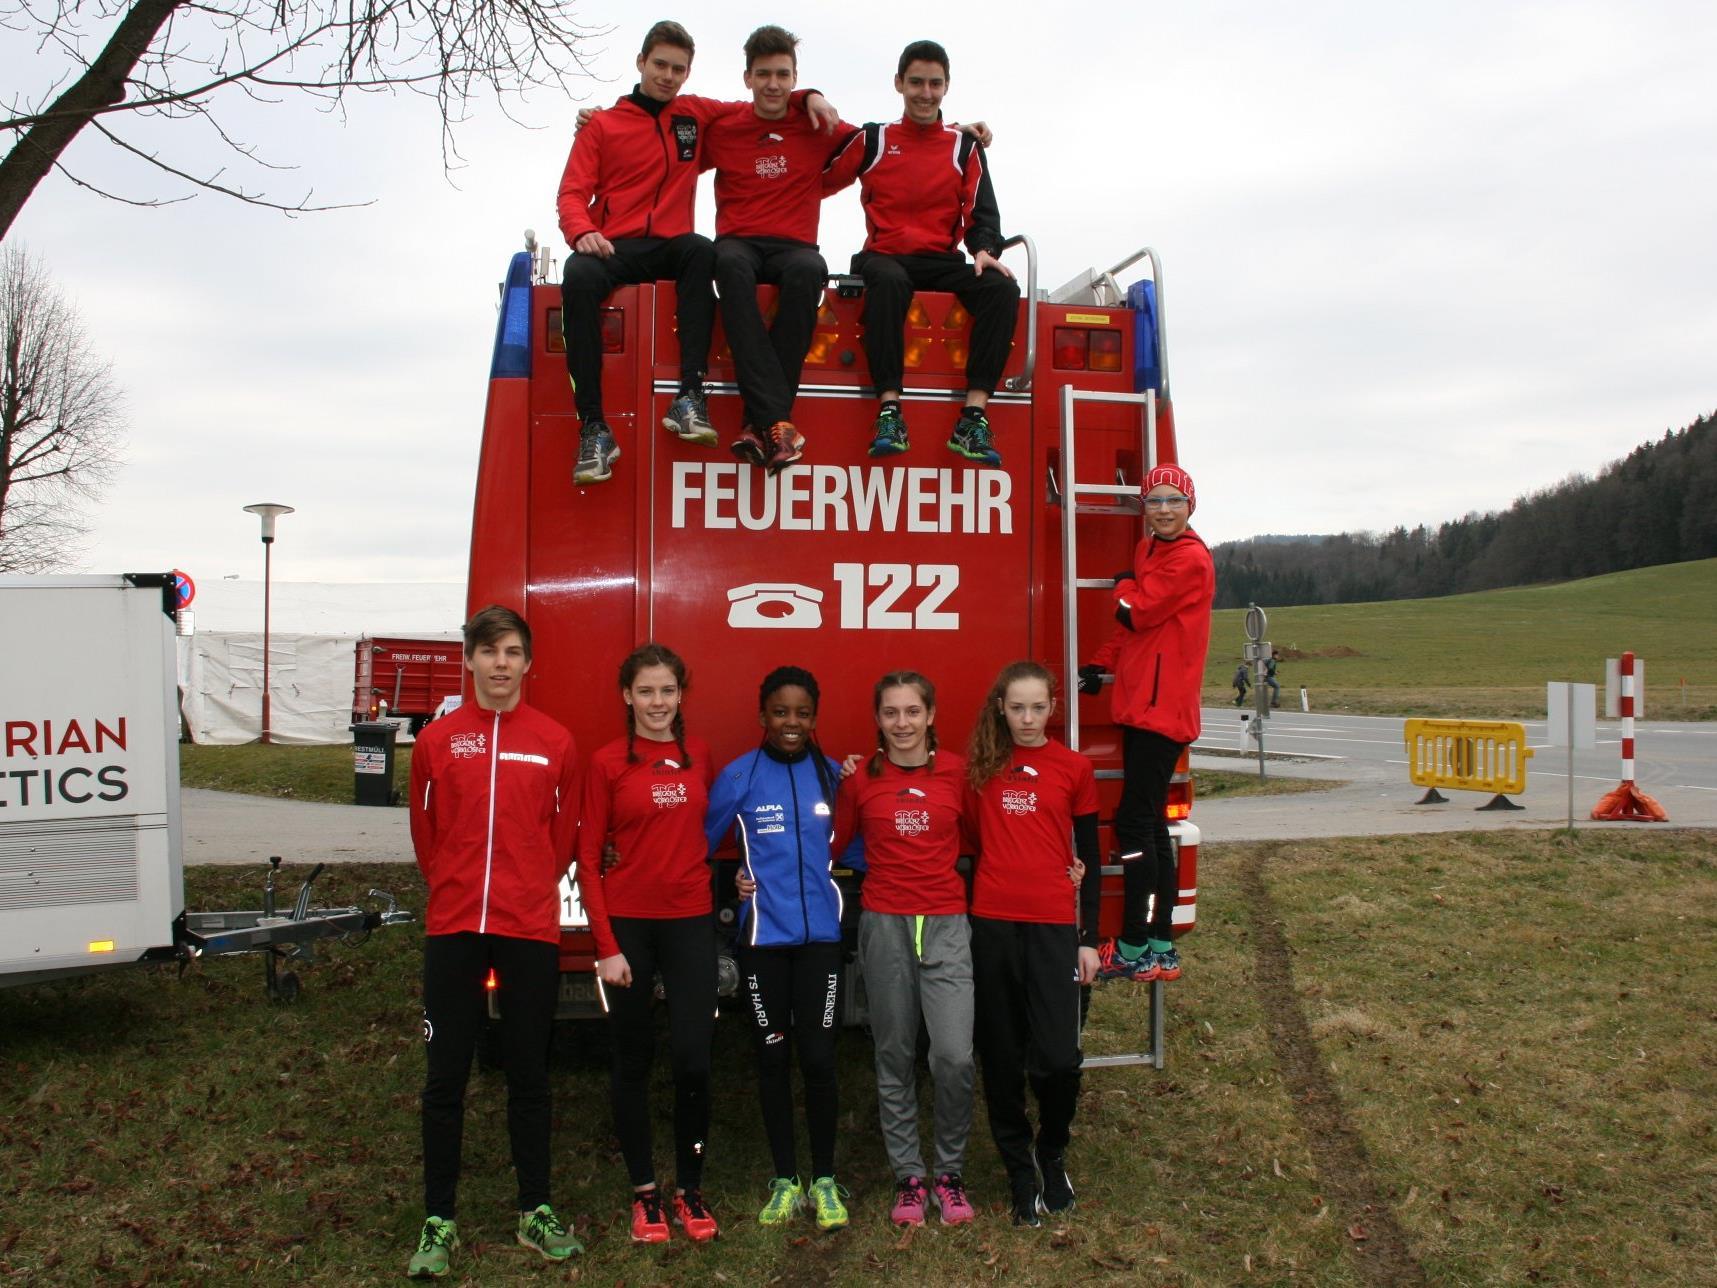 Die Teilnehmer der TS Bregenz-Vorkloster an den Crosslauf-Titelkämpfen in Köflach.